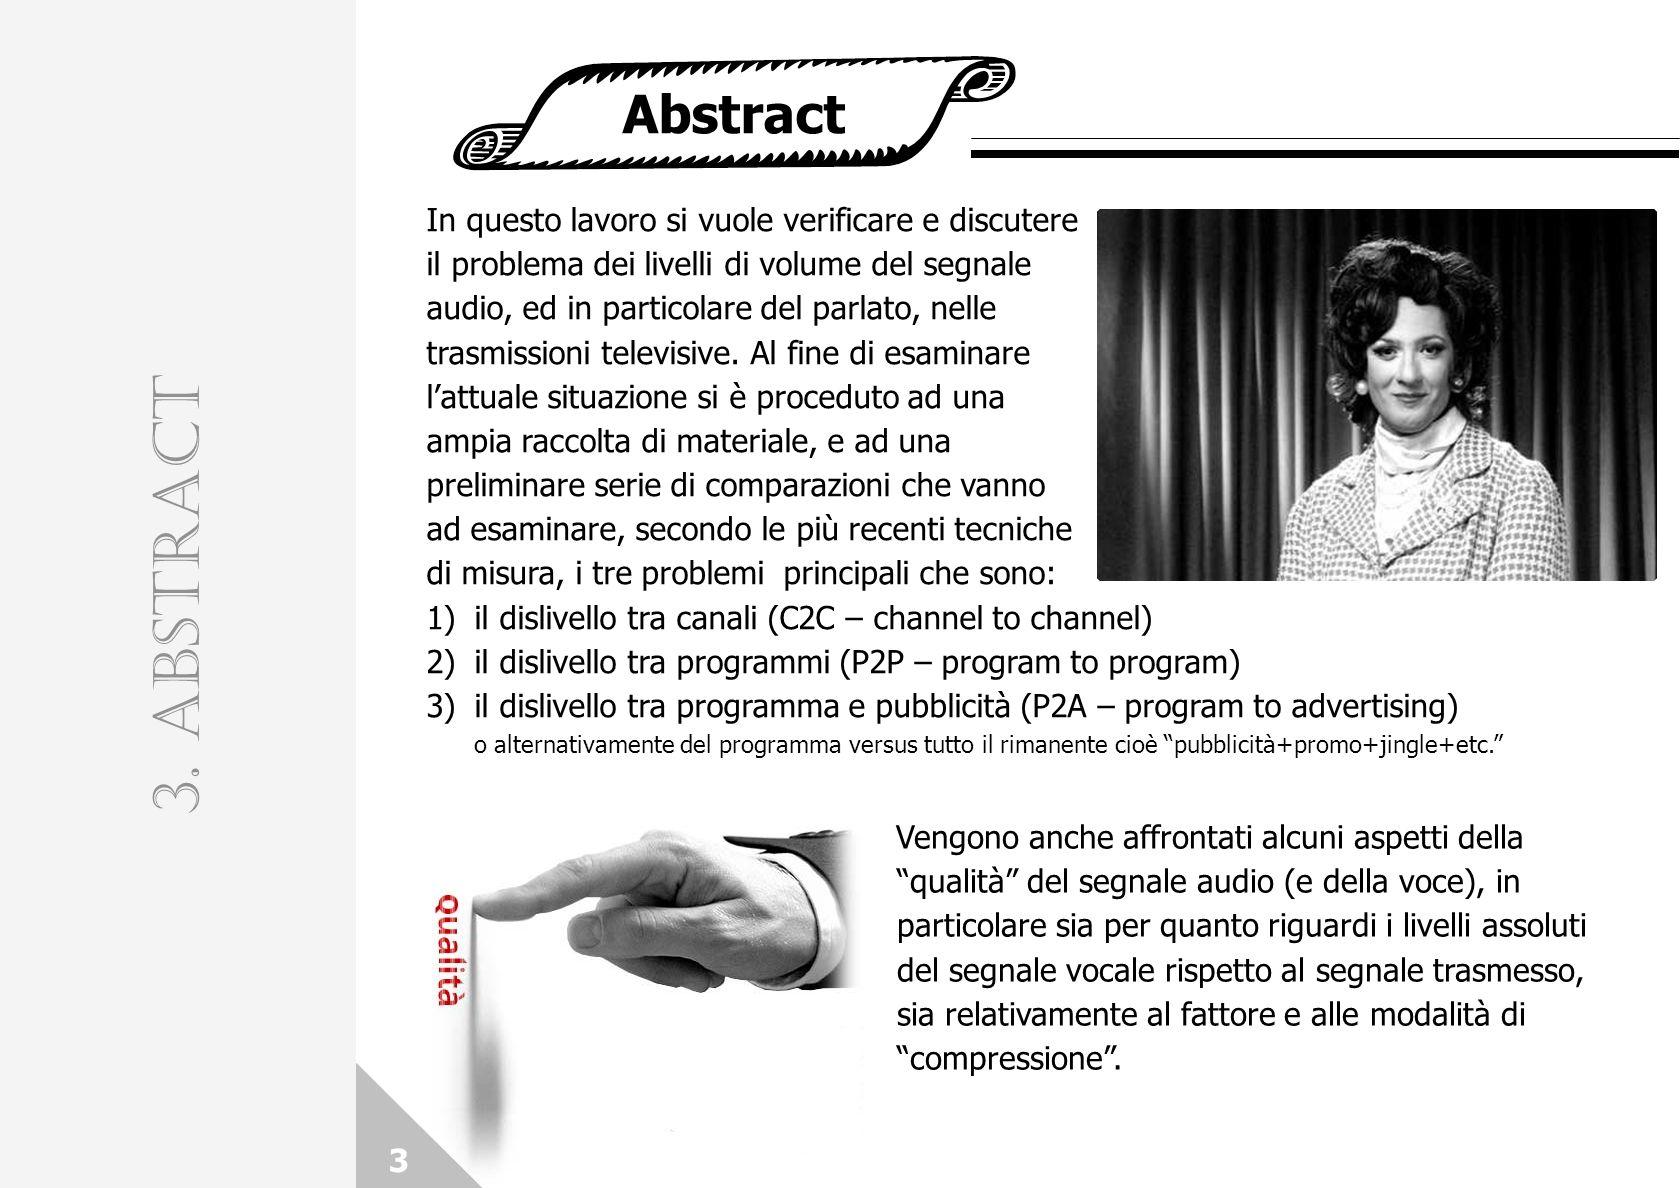 Abstract 3. ABSTRACT In questo lavoro si vuole verificare e discutere il problema dei livelli di volume del segnale audio, ed in particolare del parla